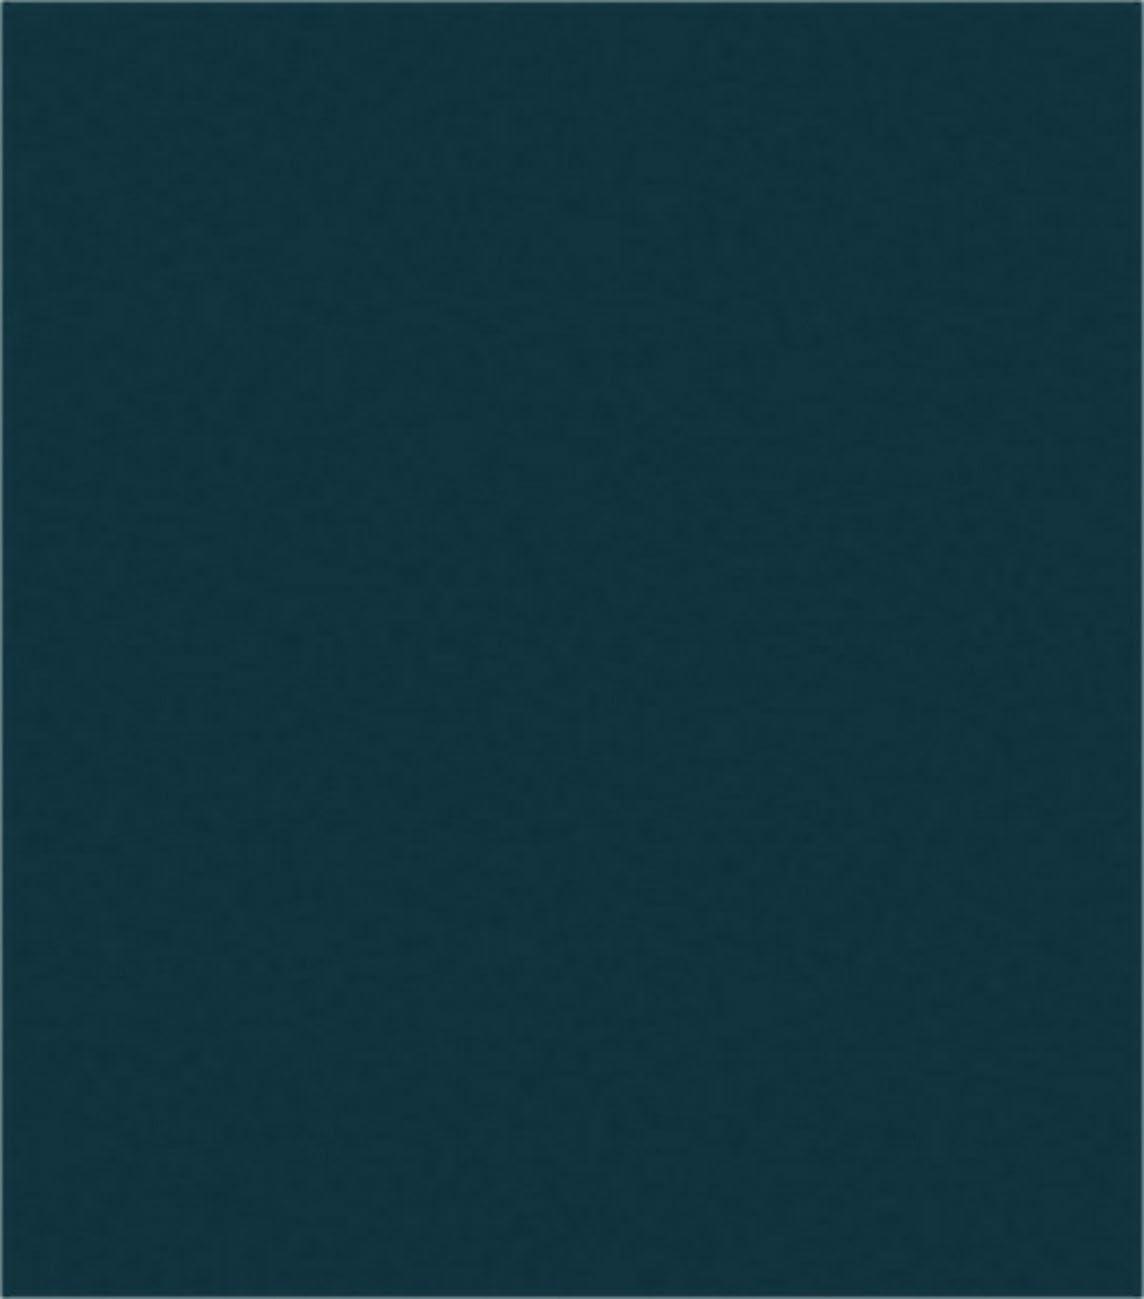 Gutermann Sew-All Thread 110 Yards-Dark Midnight (100P-279)